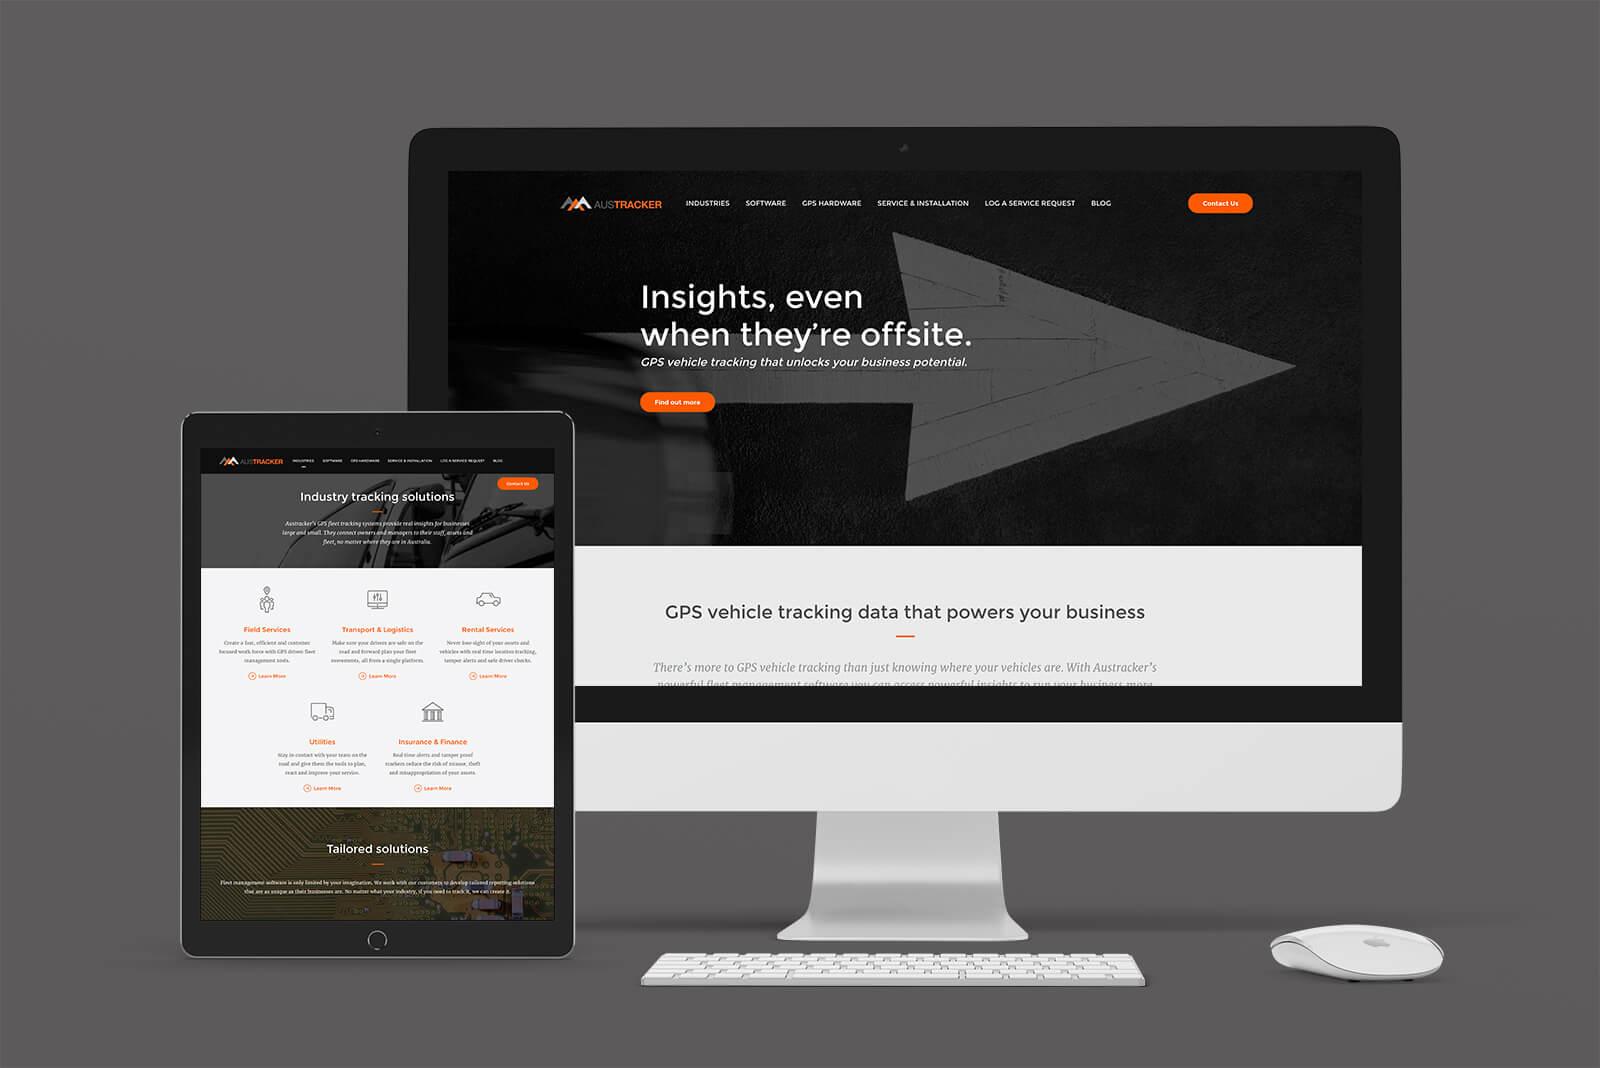 Austracker website